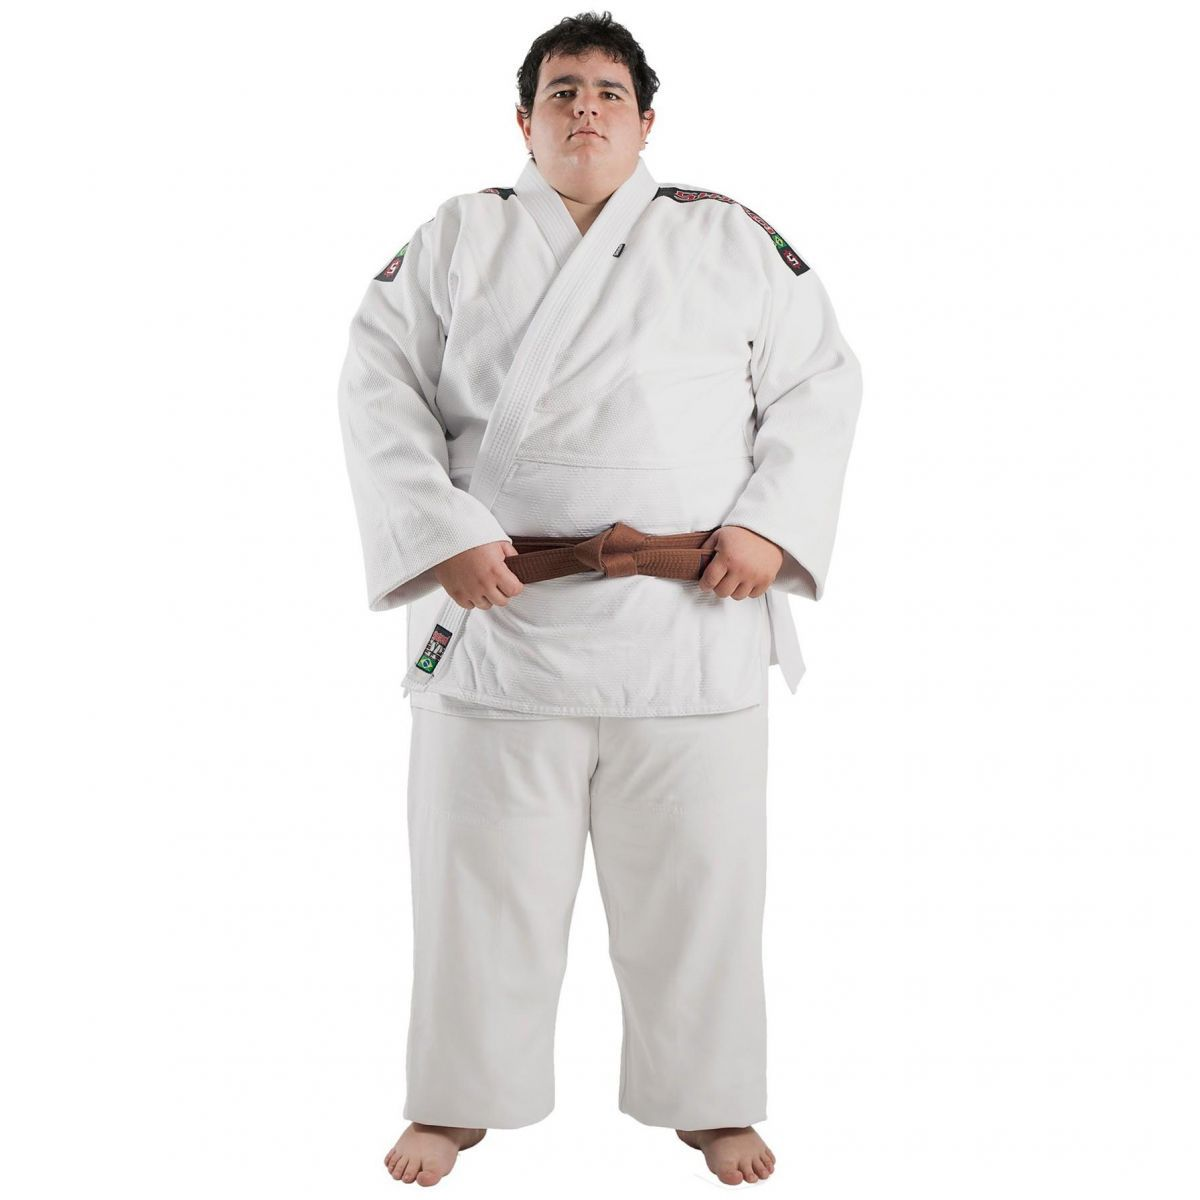 Kimono Judo - Trancado - Master - Shiroi - Adulto - Branco .